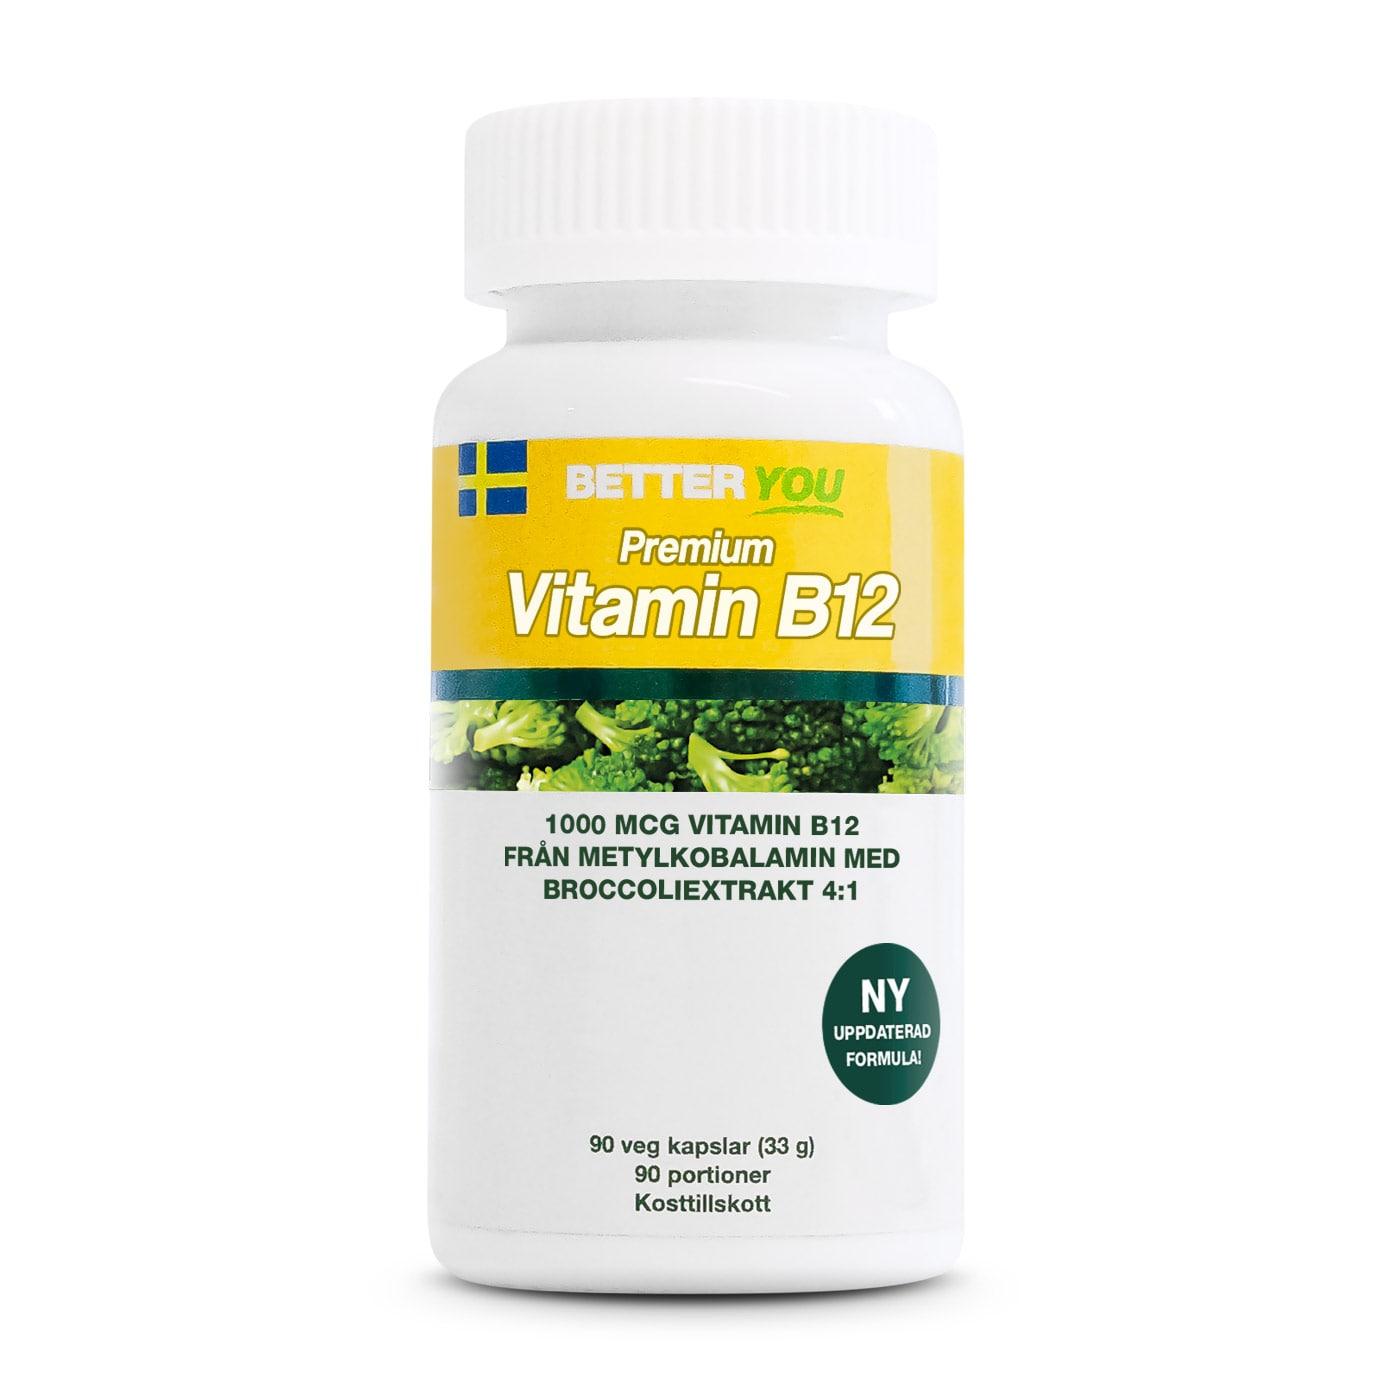 Premium Vitamin B12